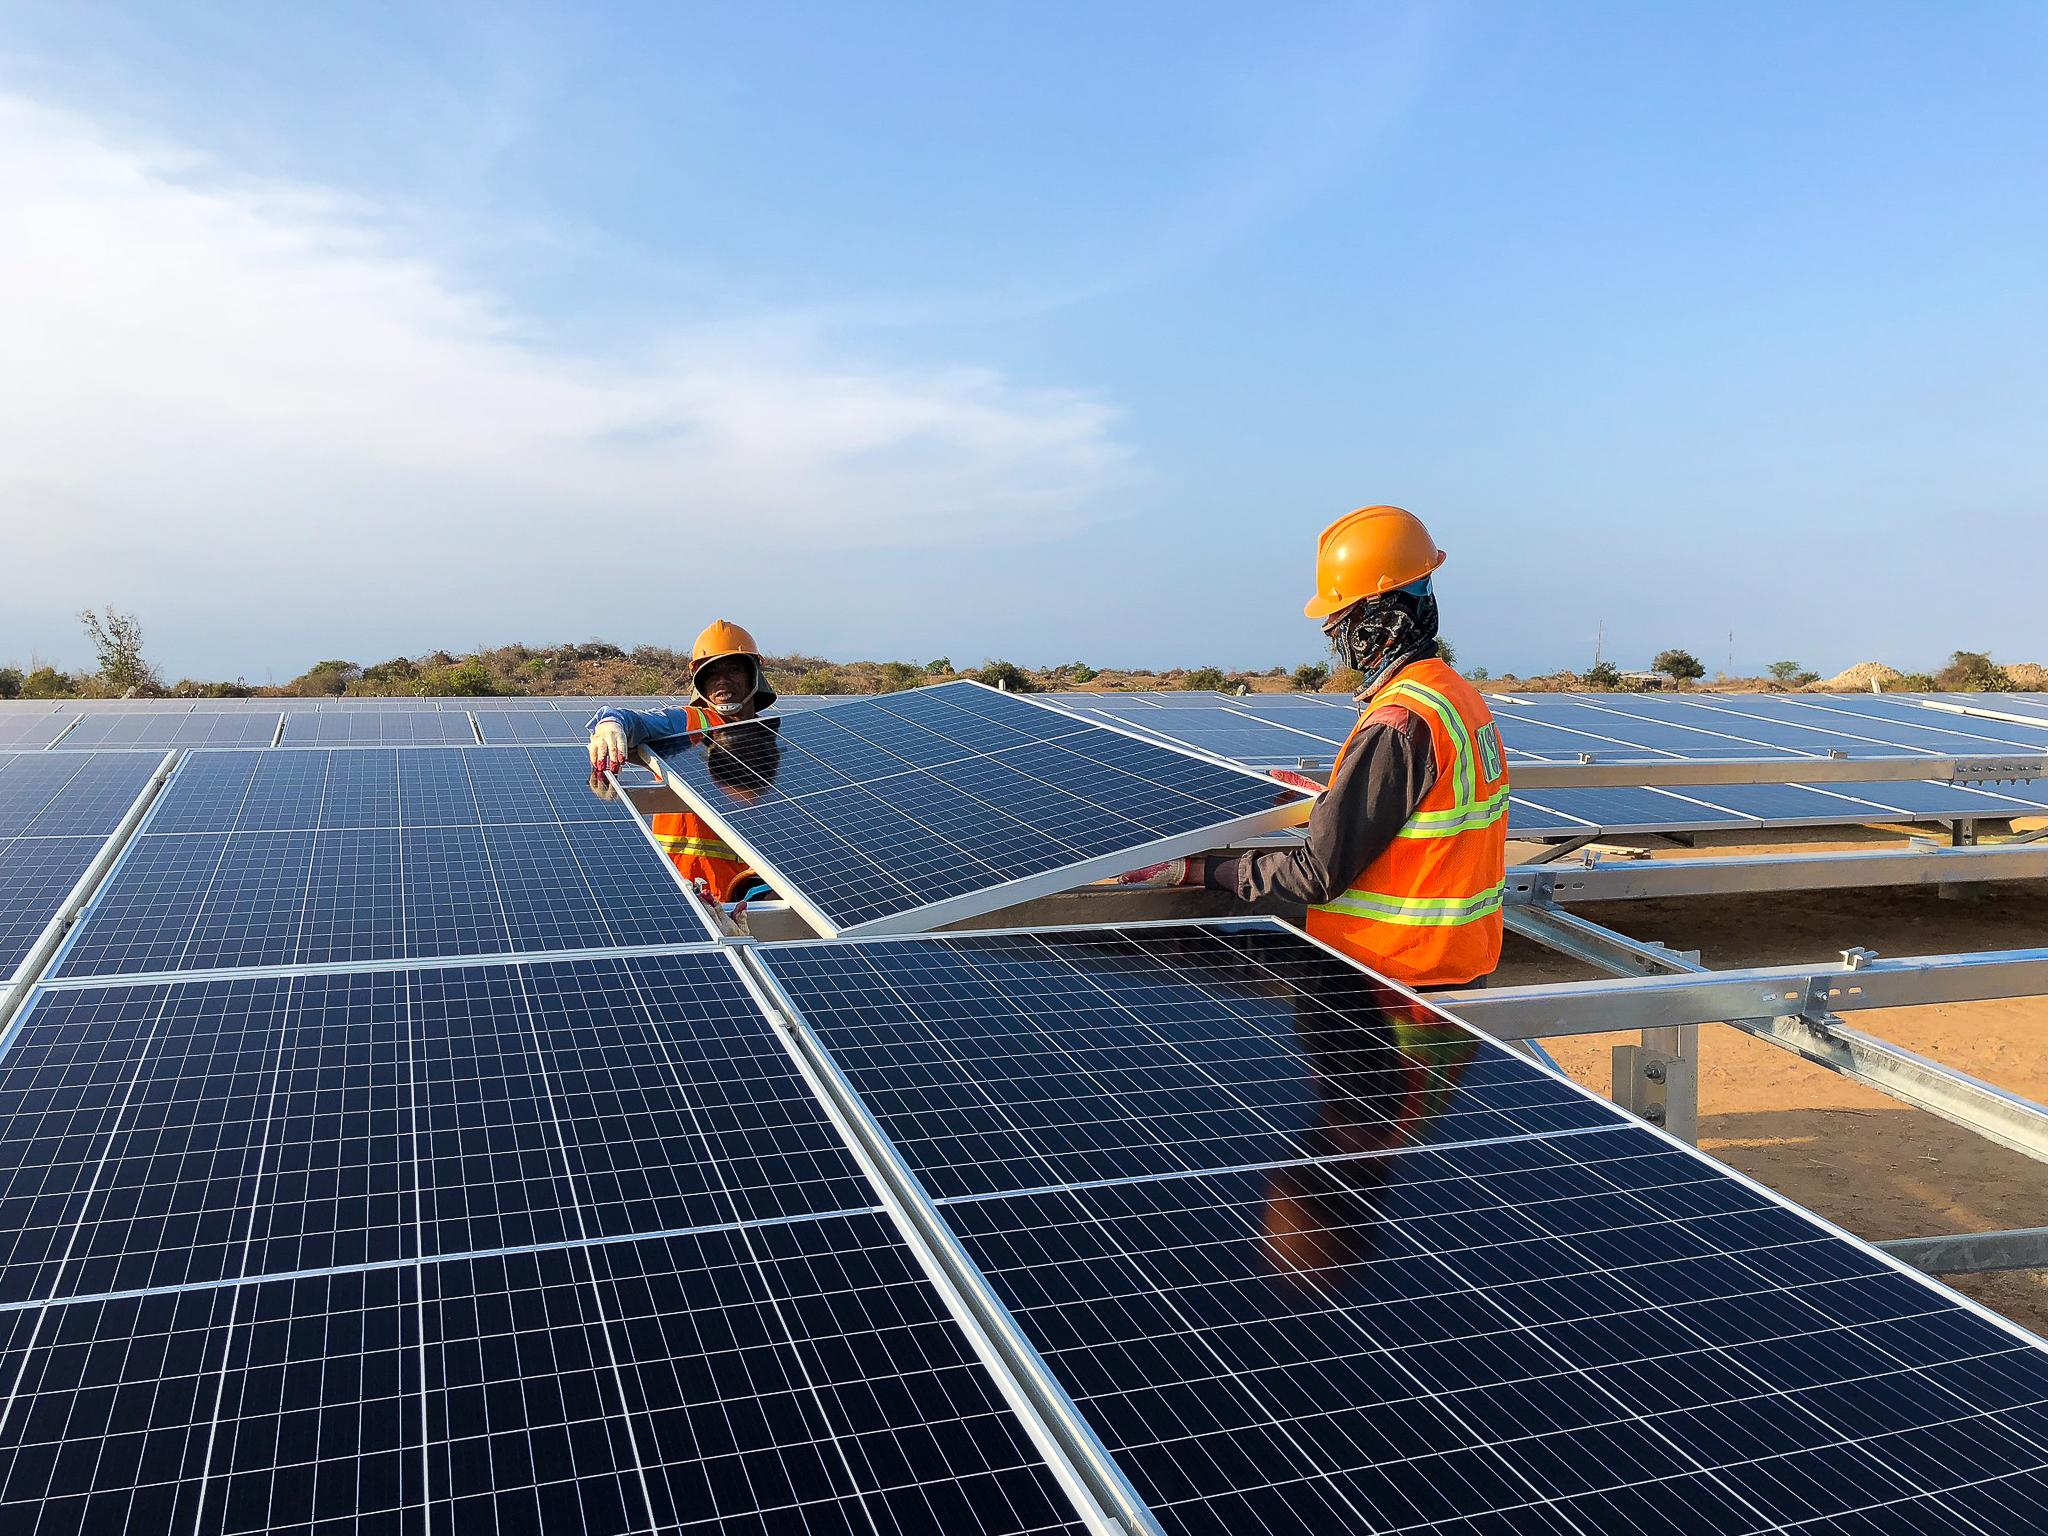 Khánh thành Nhà máy điện mặt trời Phước Ninh: Góp phần đưa Ninh Thuận trở thành trung tâm NLTT của cả nước  - Ảnh 2